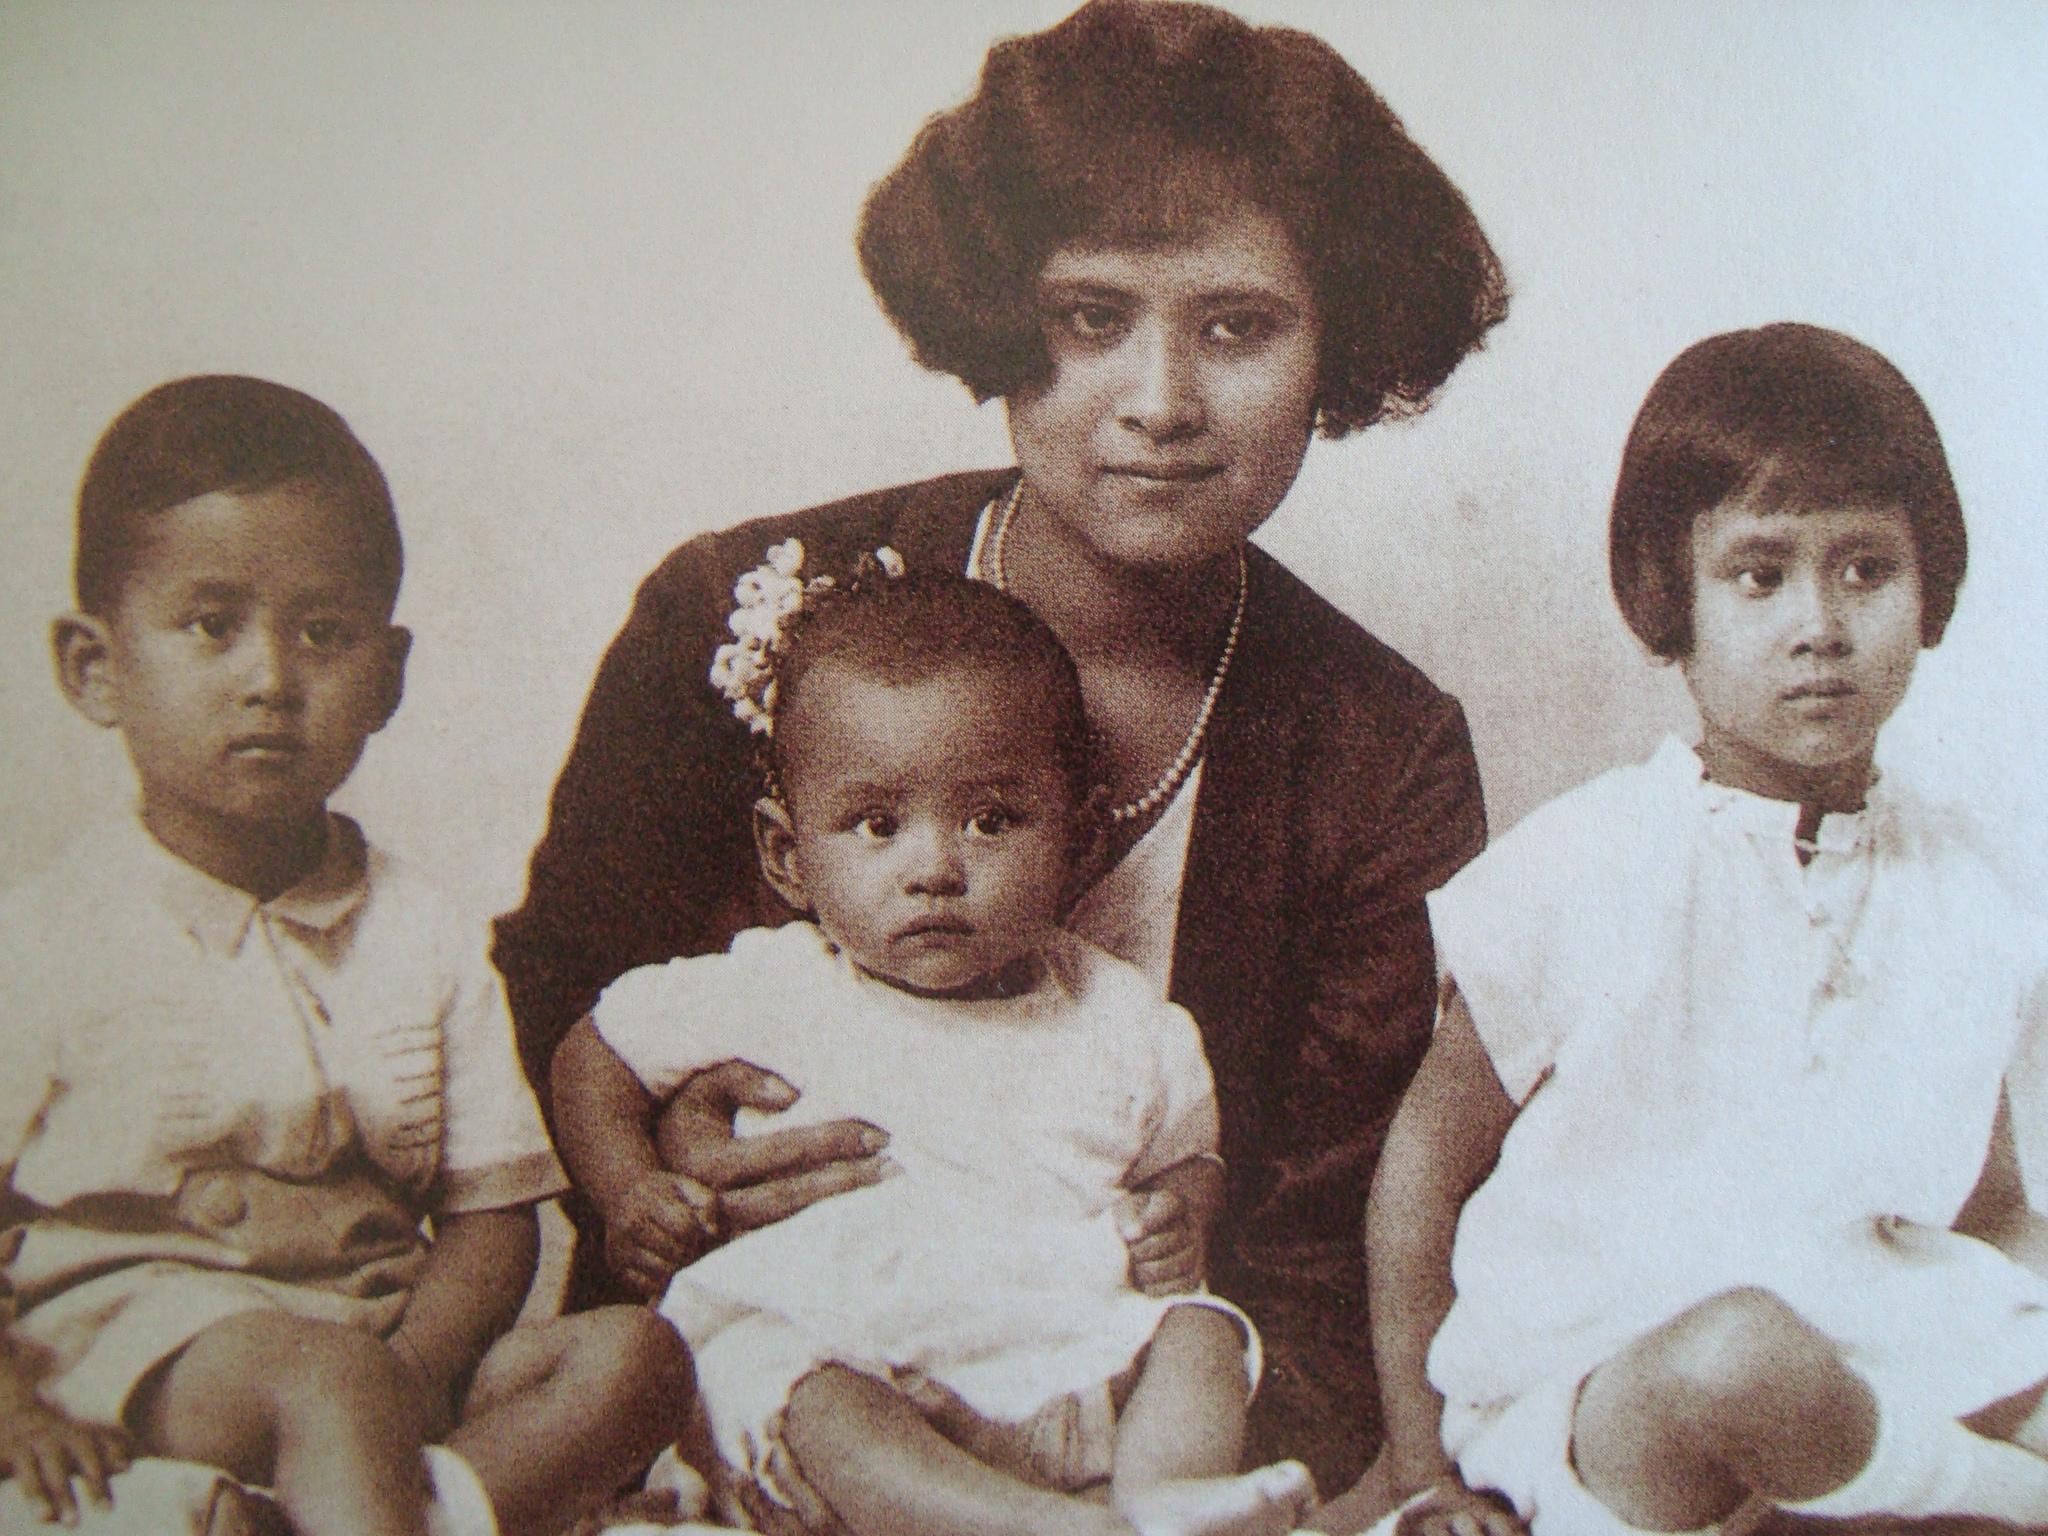 Bhumibol entouré de ses frères et soeurs © Wikimedia Commons